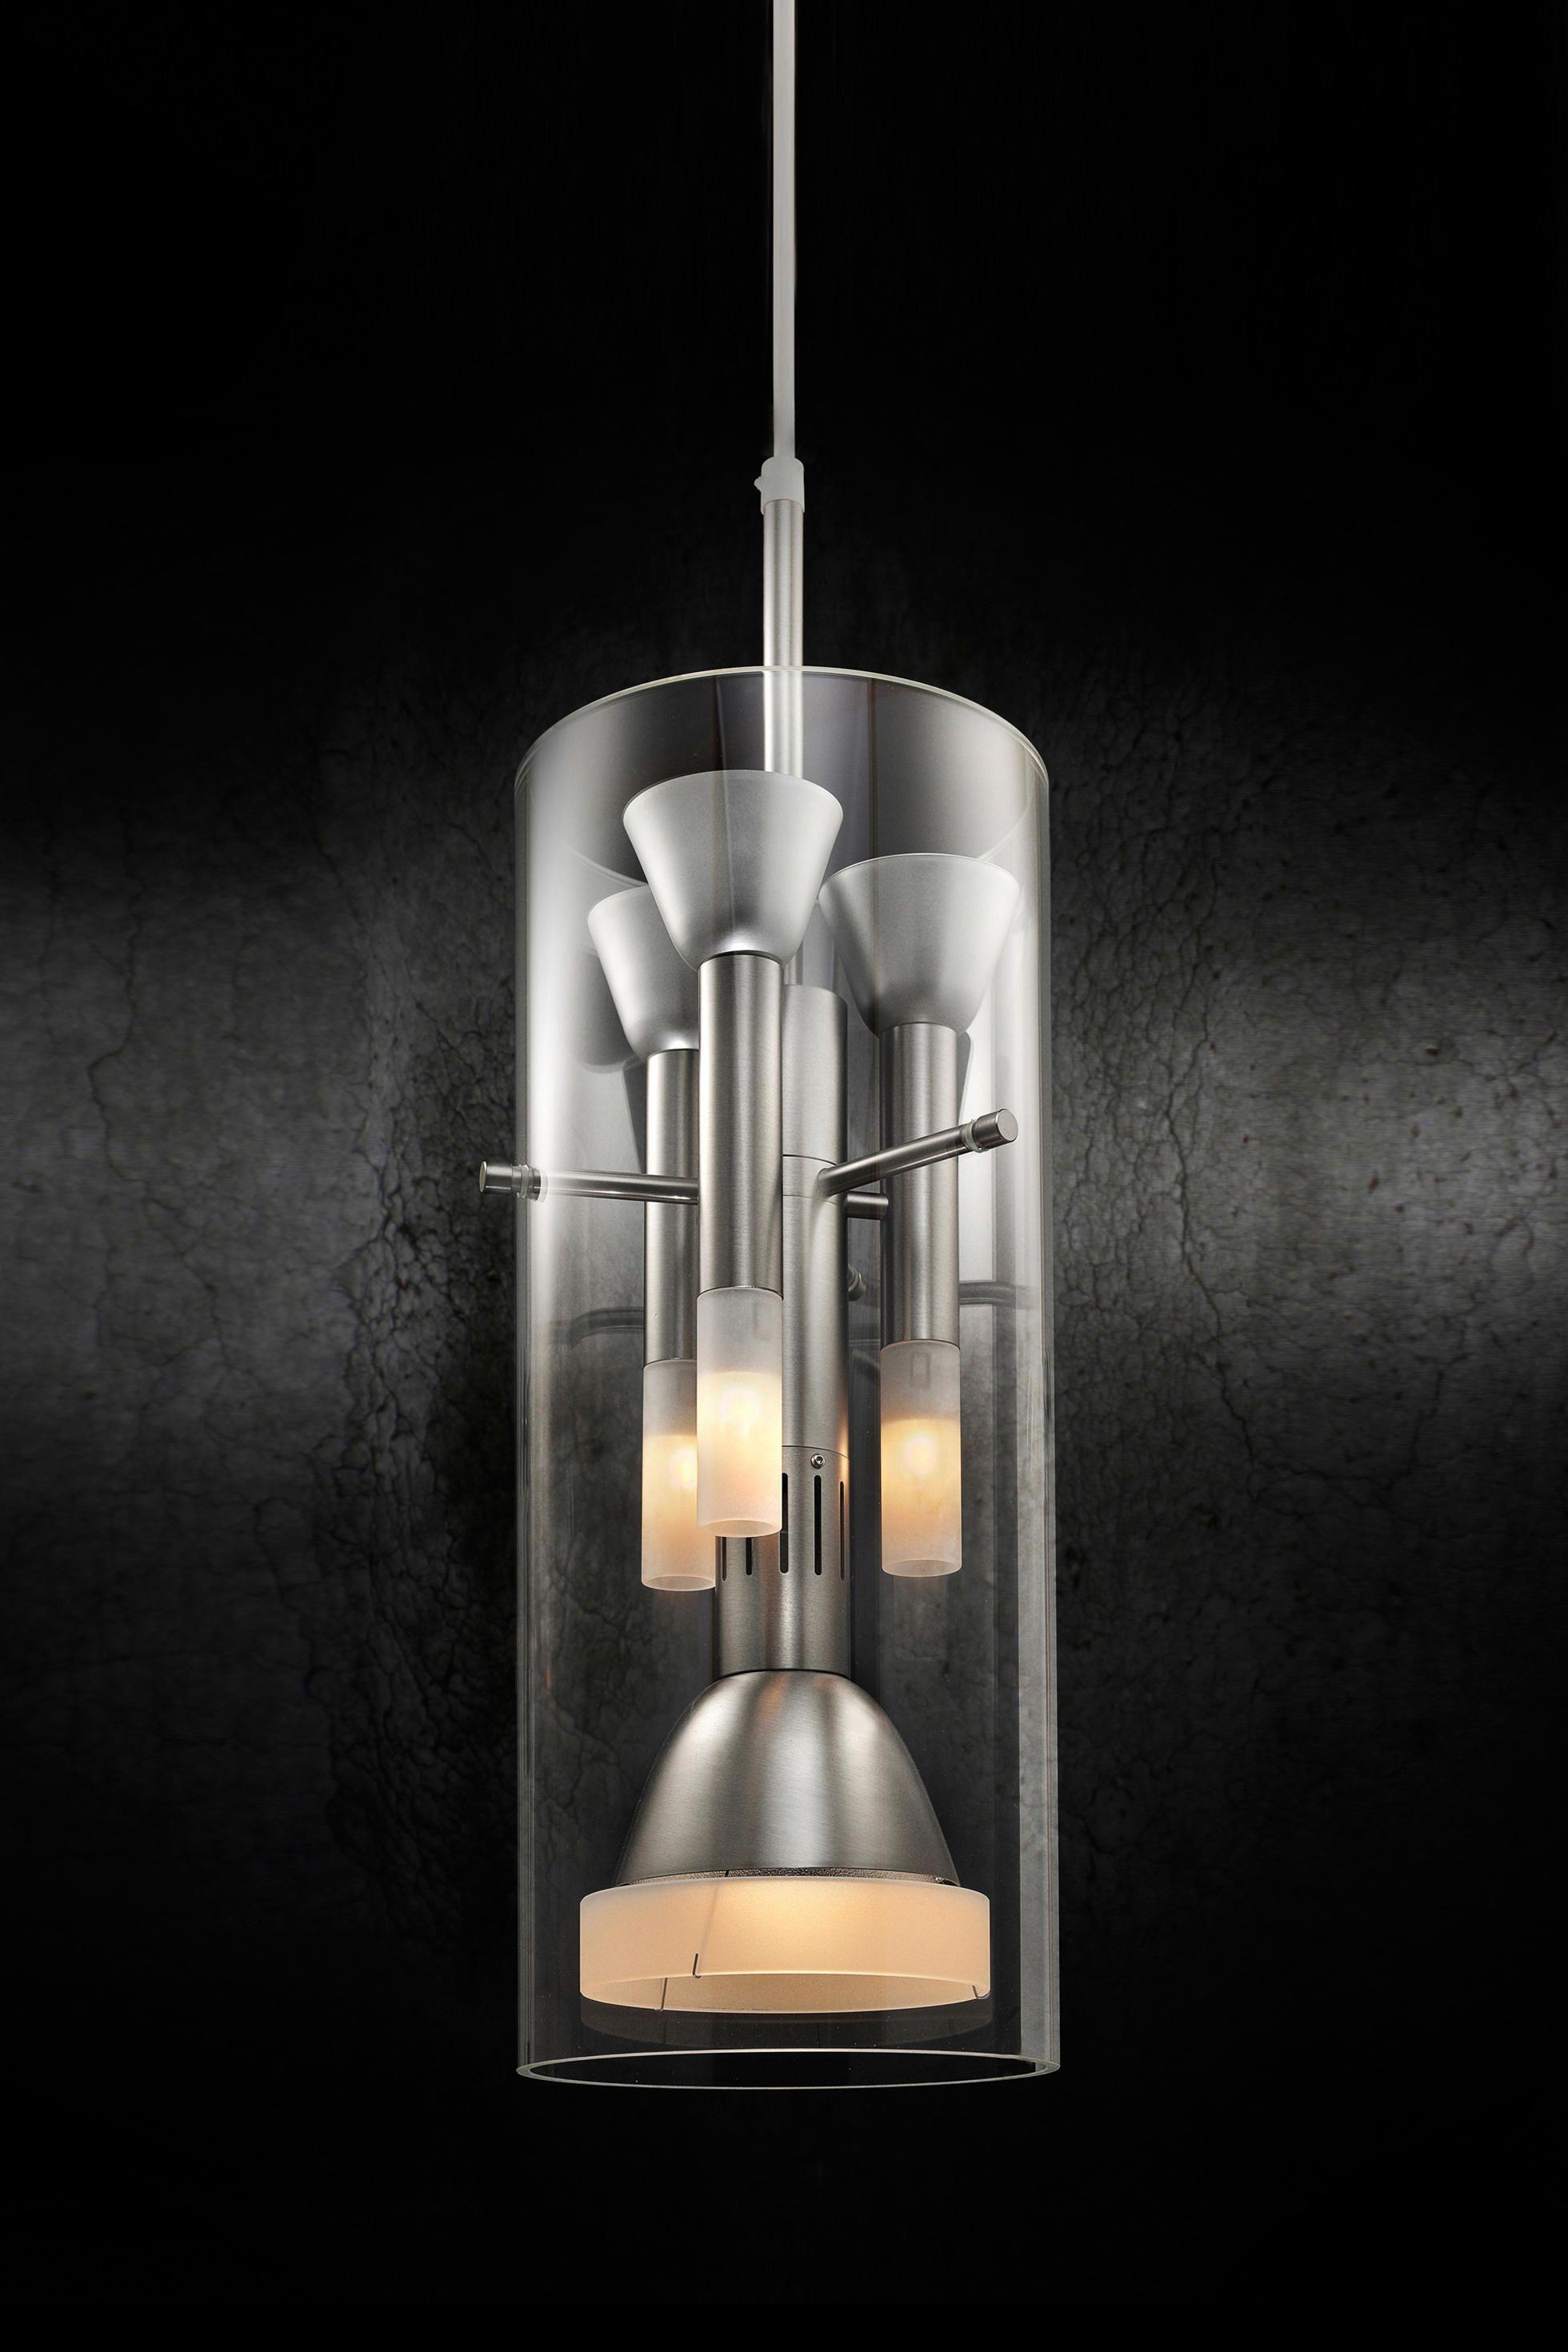 Altea P 5738 Designer Allgemeinbeleuchtung Von Stglicht Alle Infos Hochauflosende Bilder Cads Katalog Pendelleuchten Design Beleuchtung Pendelleuchte